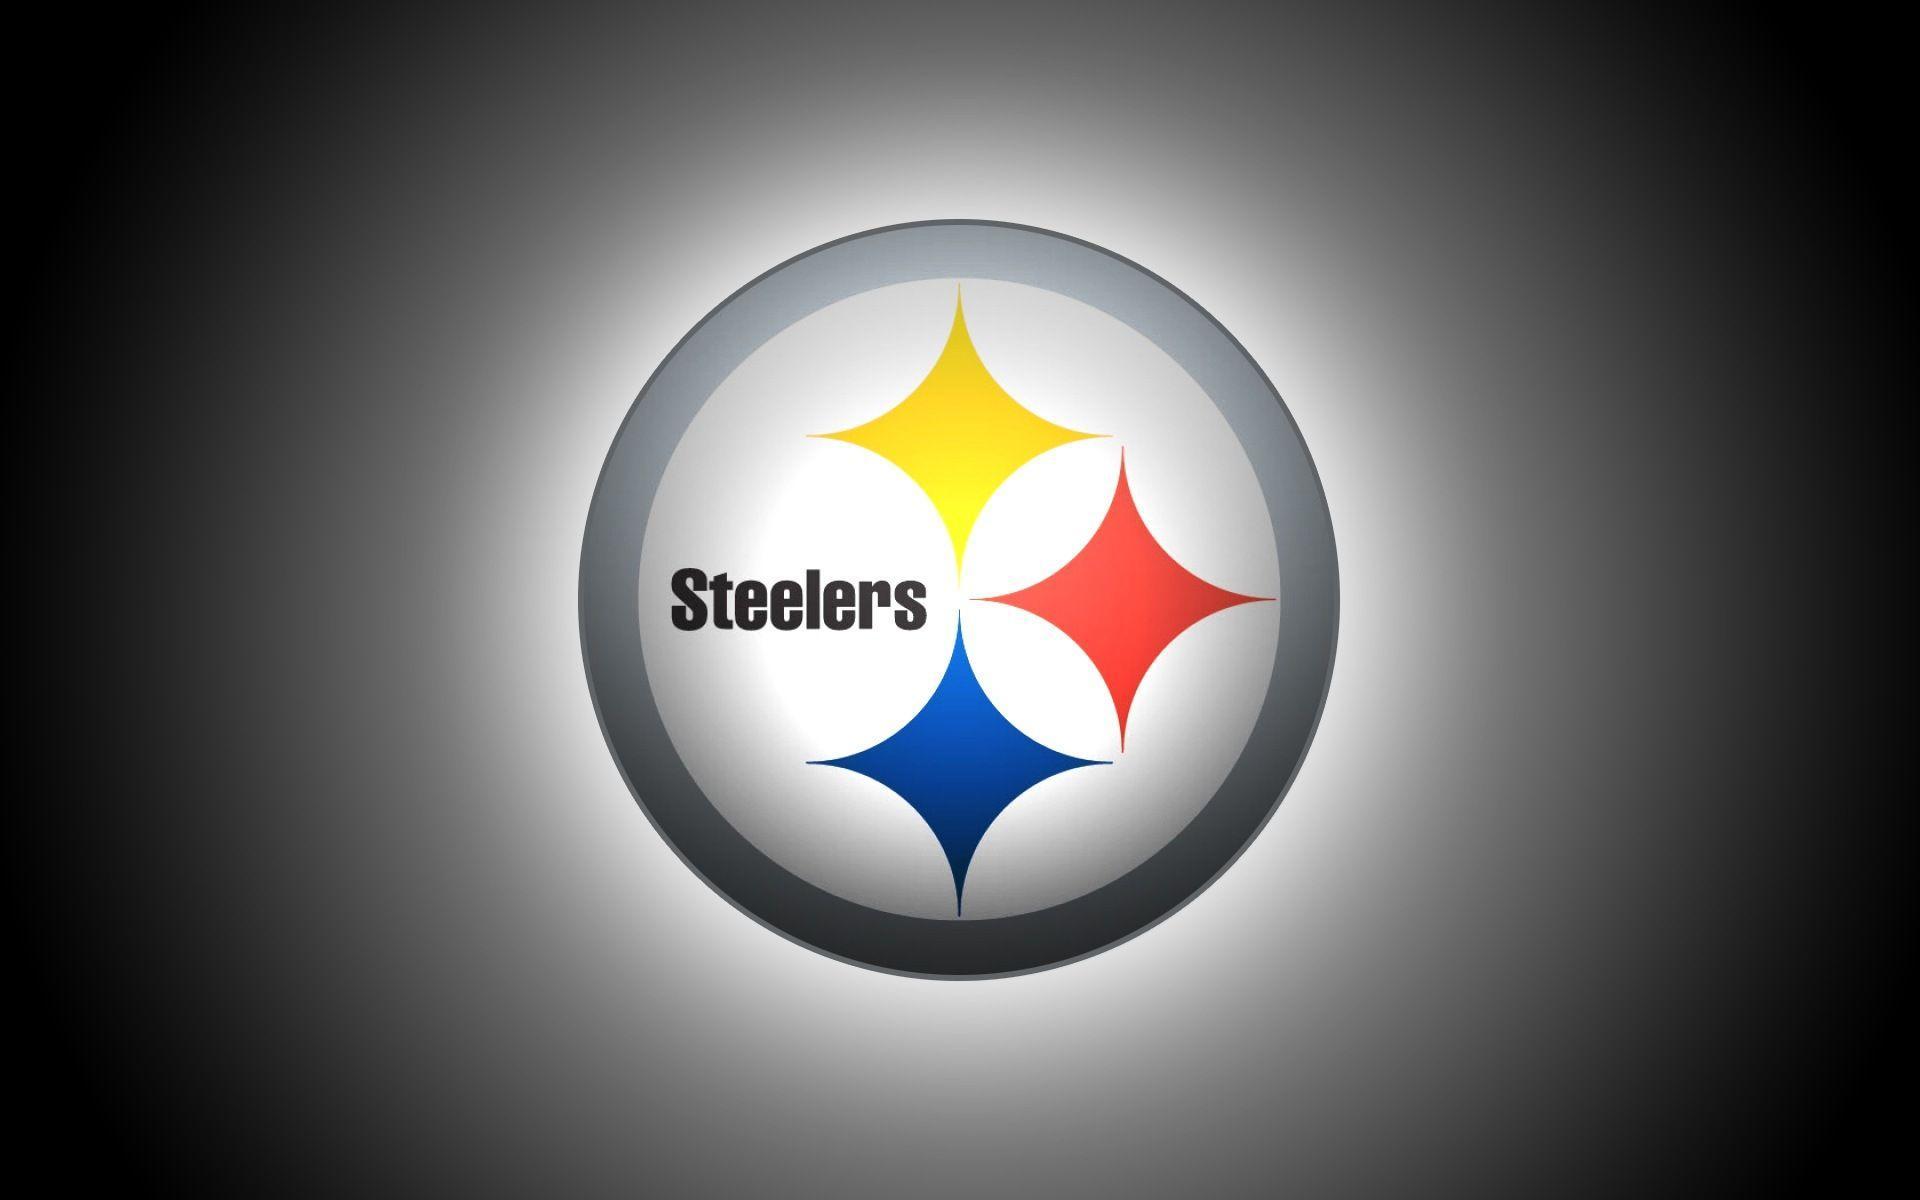 Free Pittsburgh Steelers wallpaper wallpaper | Pittsburgh Steelers ...